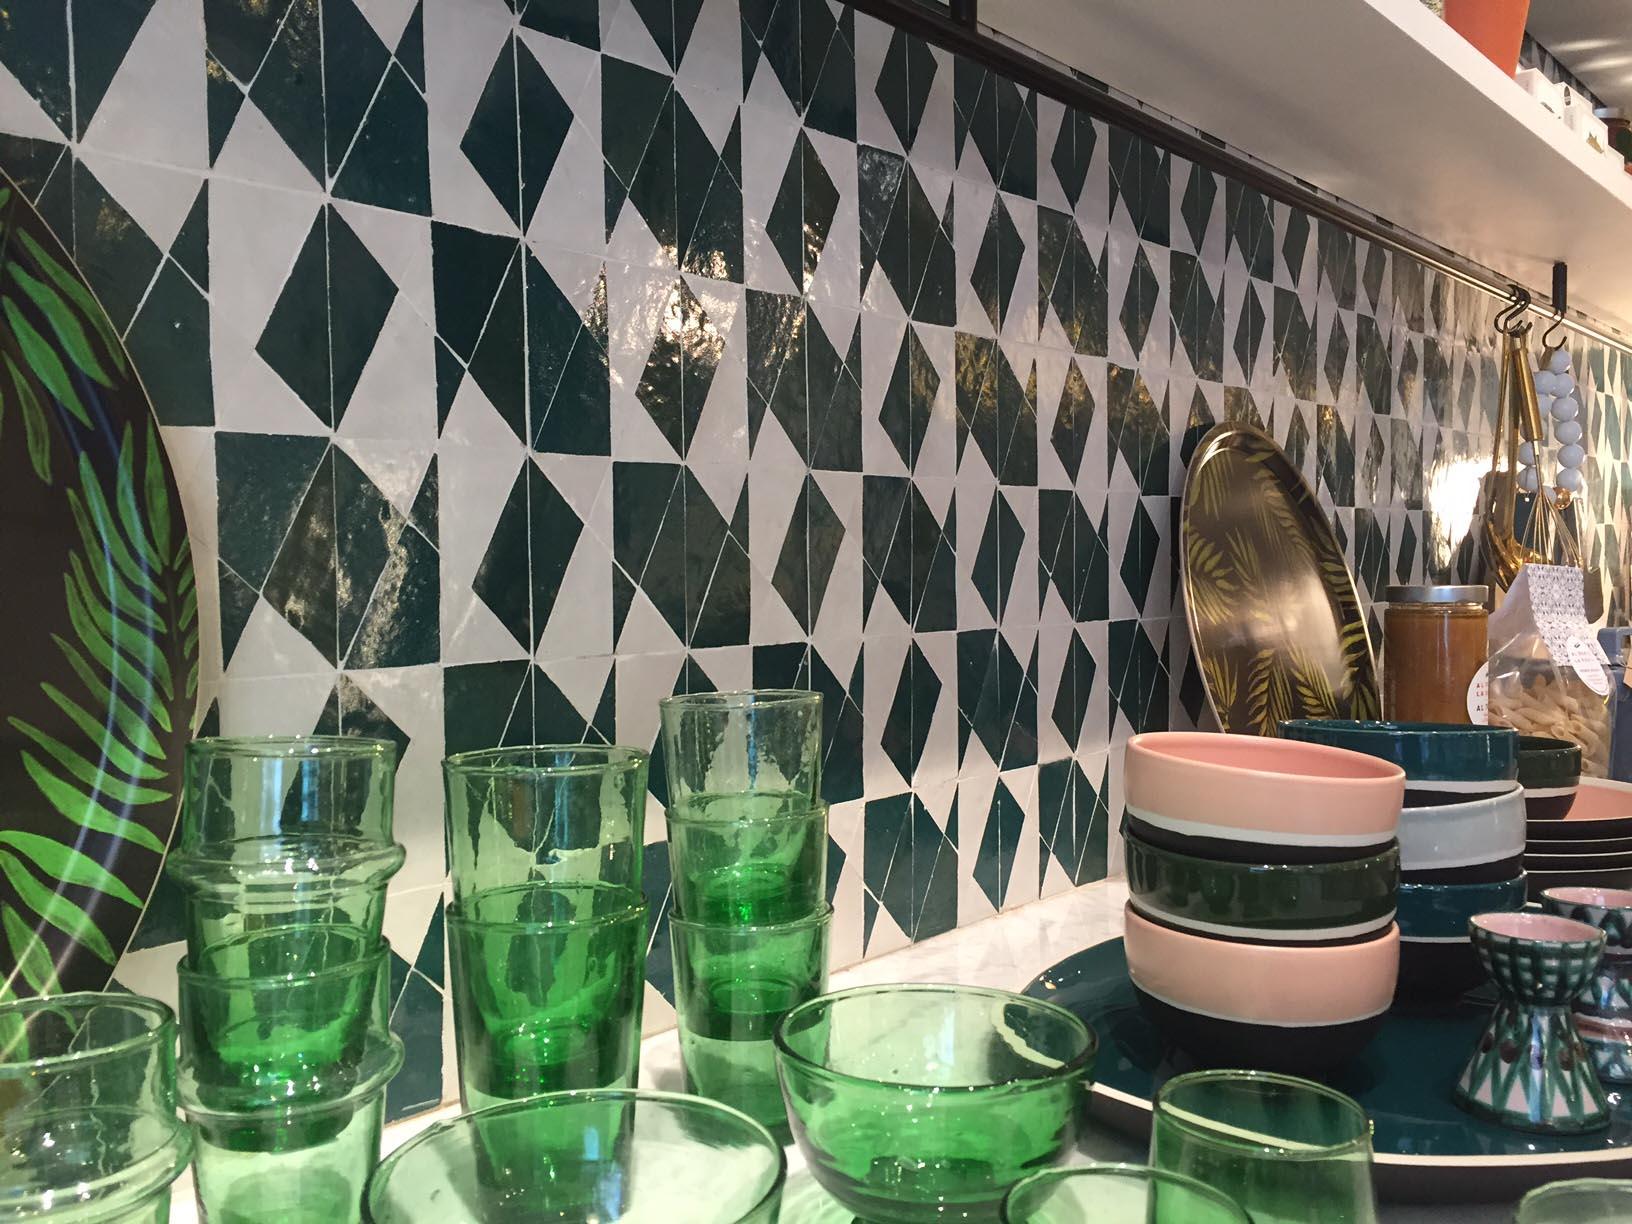 Maison Sarah Lavoine - Paris XVI  https://www.maisonsarahlavoine.com/en/projet-shop-maison-sarah-lavoine-paris-16-eme-16.php